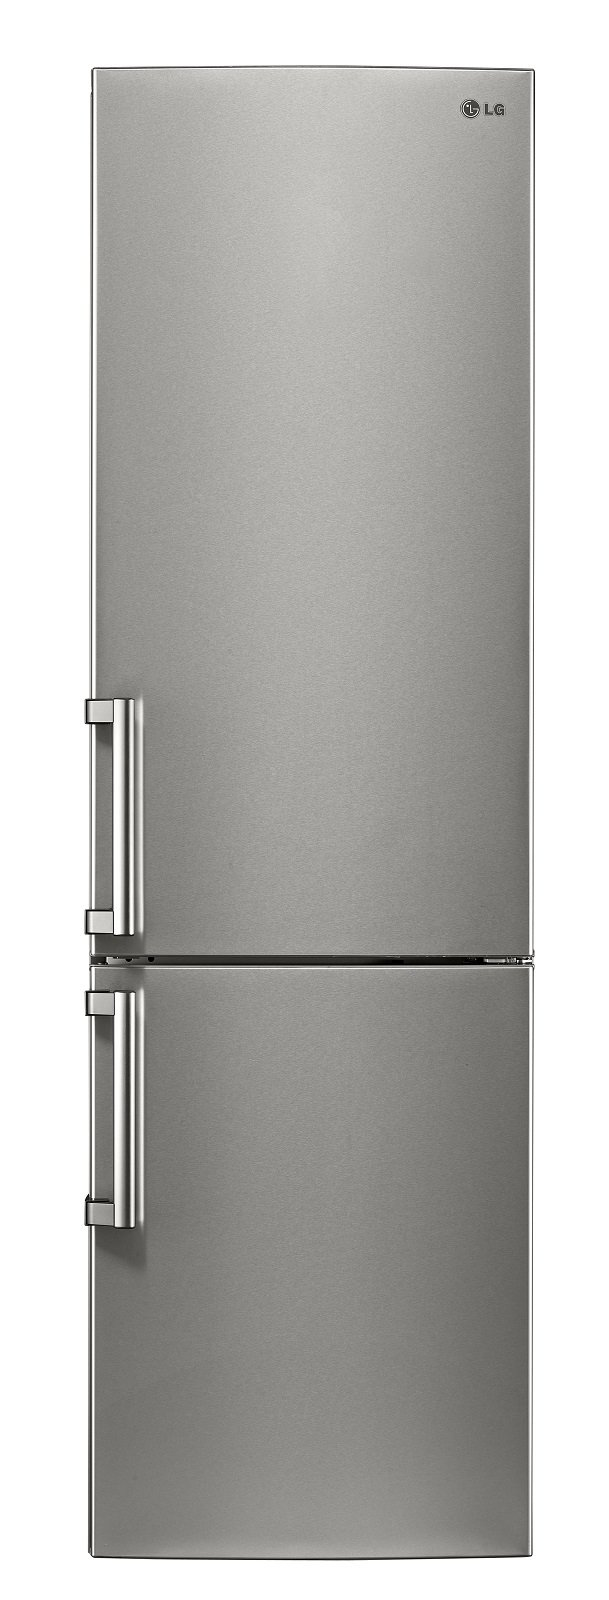 Il frigorifero combinato Centum System™ Classe GBB60NSZHE di LG è Total No Frost e certificato 20 anni. Produce una rumorosità di 36 dB(A). Ha una capacità netta totale di 343 l ed è in classe di efficienza energetica A +++ - 30%. Grazie al sistema NatureFRESH conserva diversi tipi di alimenti con temperature e umidità differenziate. Misura L 59,5 x P 68,6 x H 201 cm. Prezzo 1.999 euro. www.lg.com/it